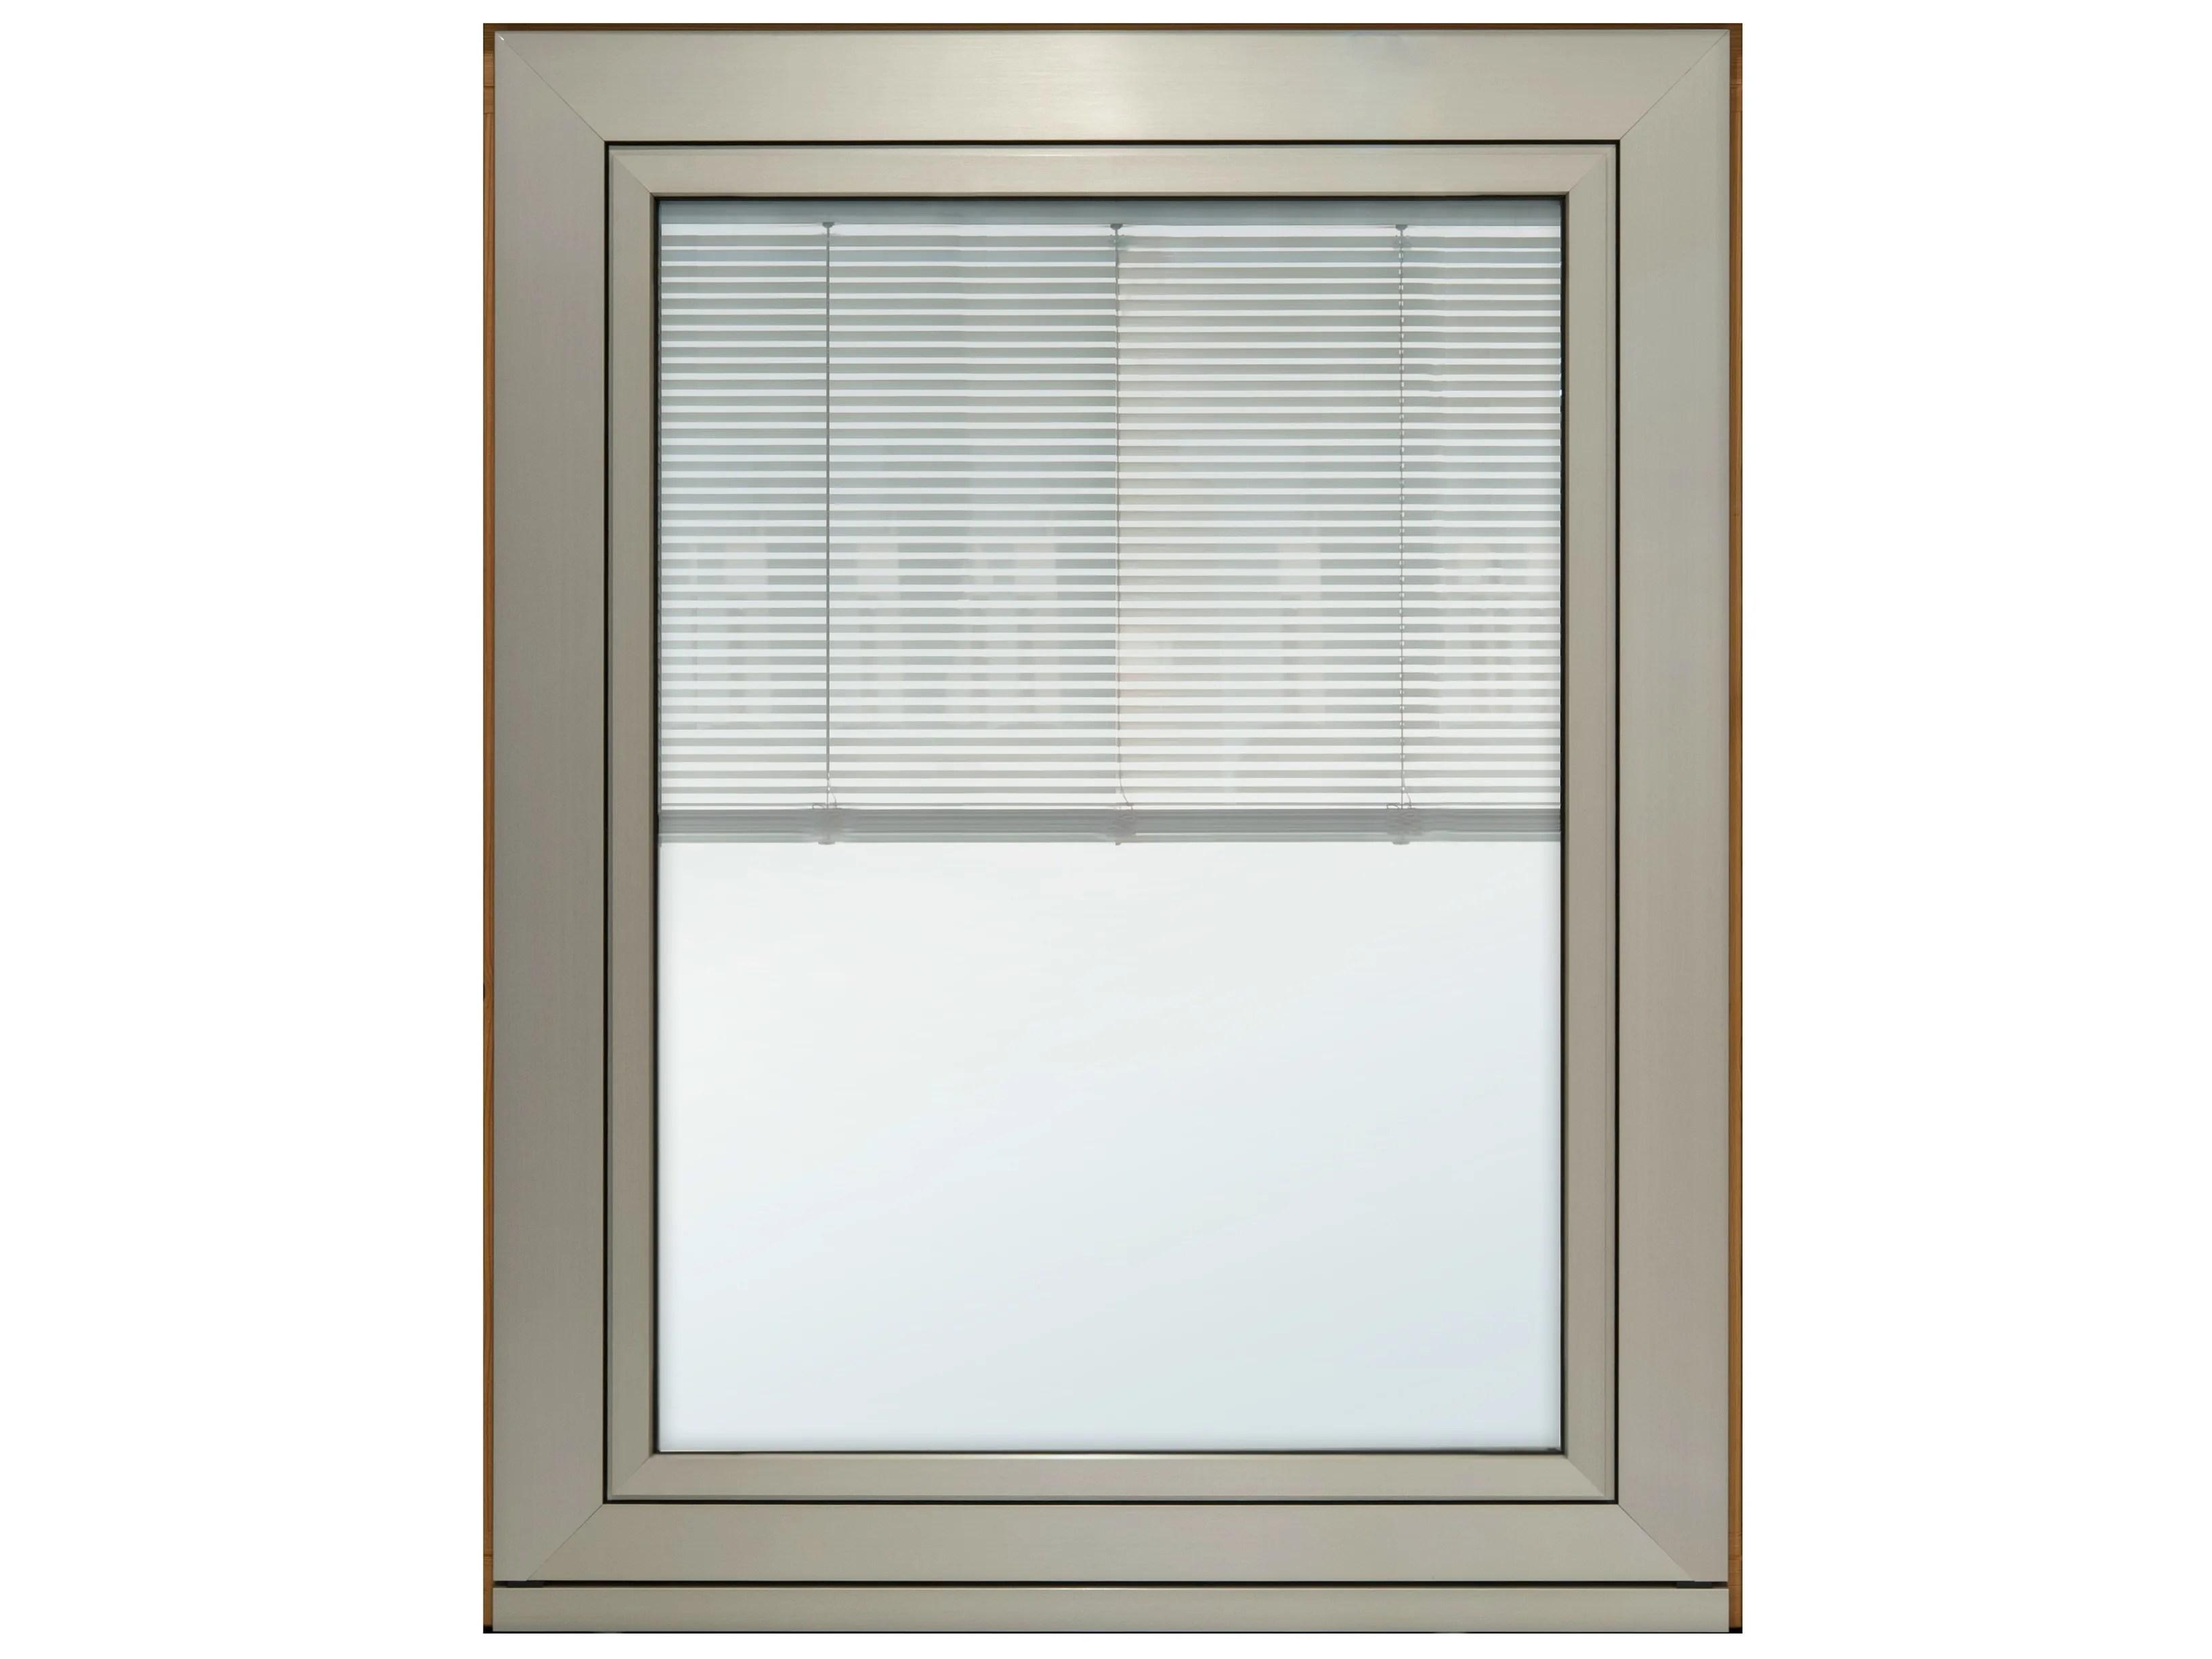 ETERNITY MAXI Fenster mit integrierter Jalousie by F.lli